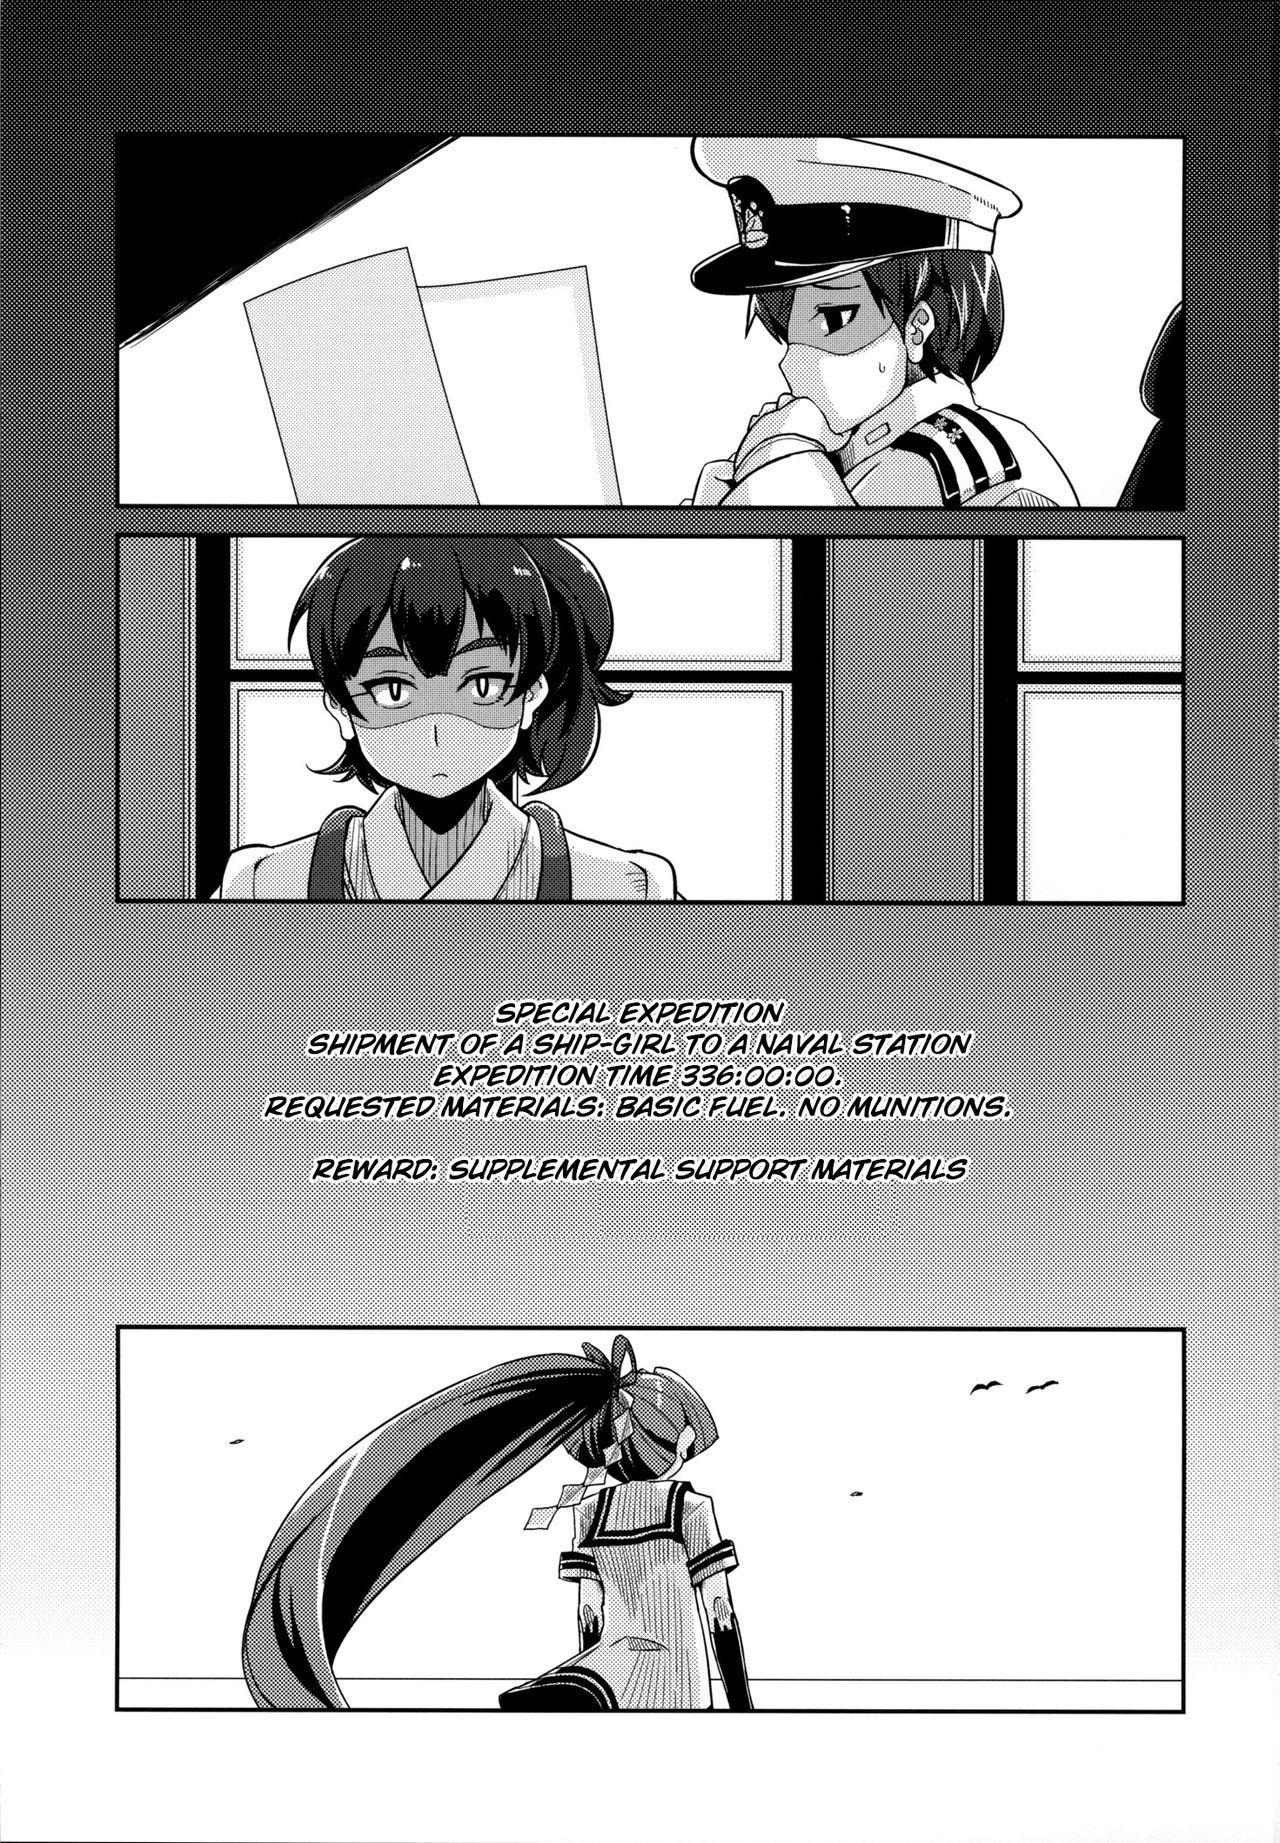 Dorei Shoufukan Hatsuharu | The Ship-Girl Hatsuharu Becomes an Enslaved Whore. 1